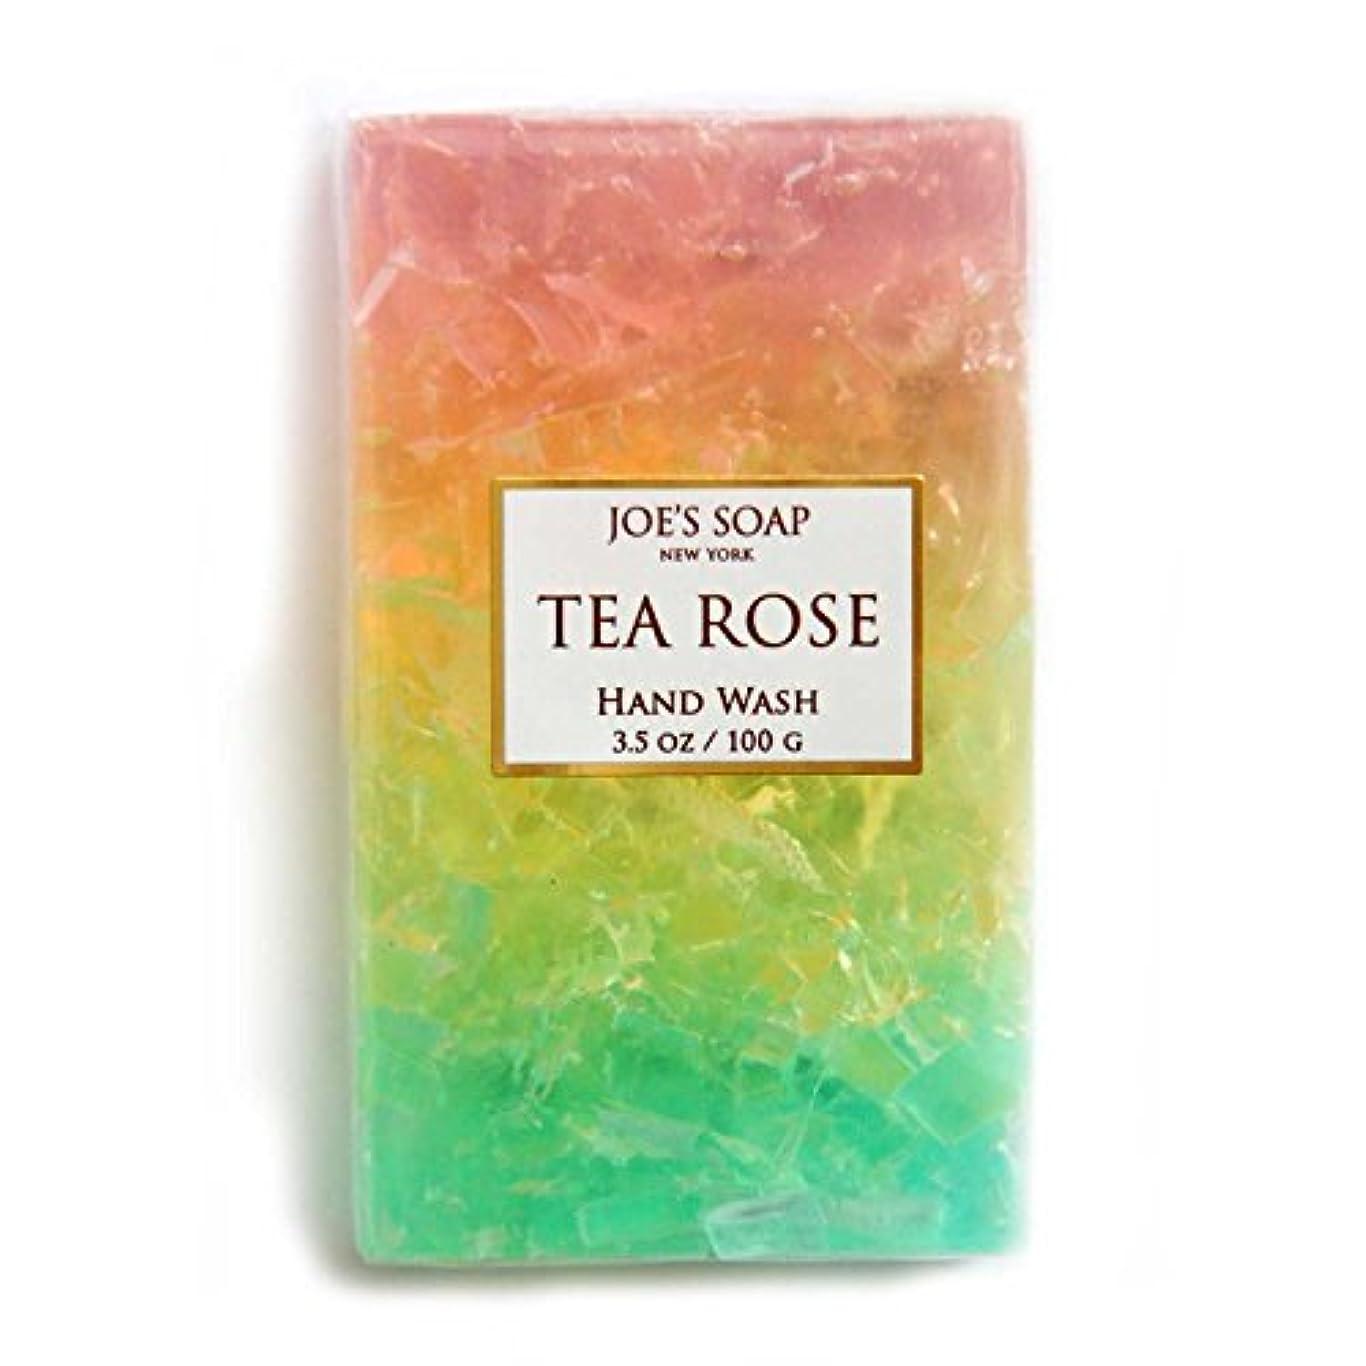 見捨てられたギャラントリー時計回りJOE'S SOAP ジョーズソープ グラスソープ 100g 石けん ボディソープ 洗顔料 せっけん 固形 ギフト